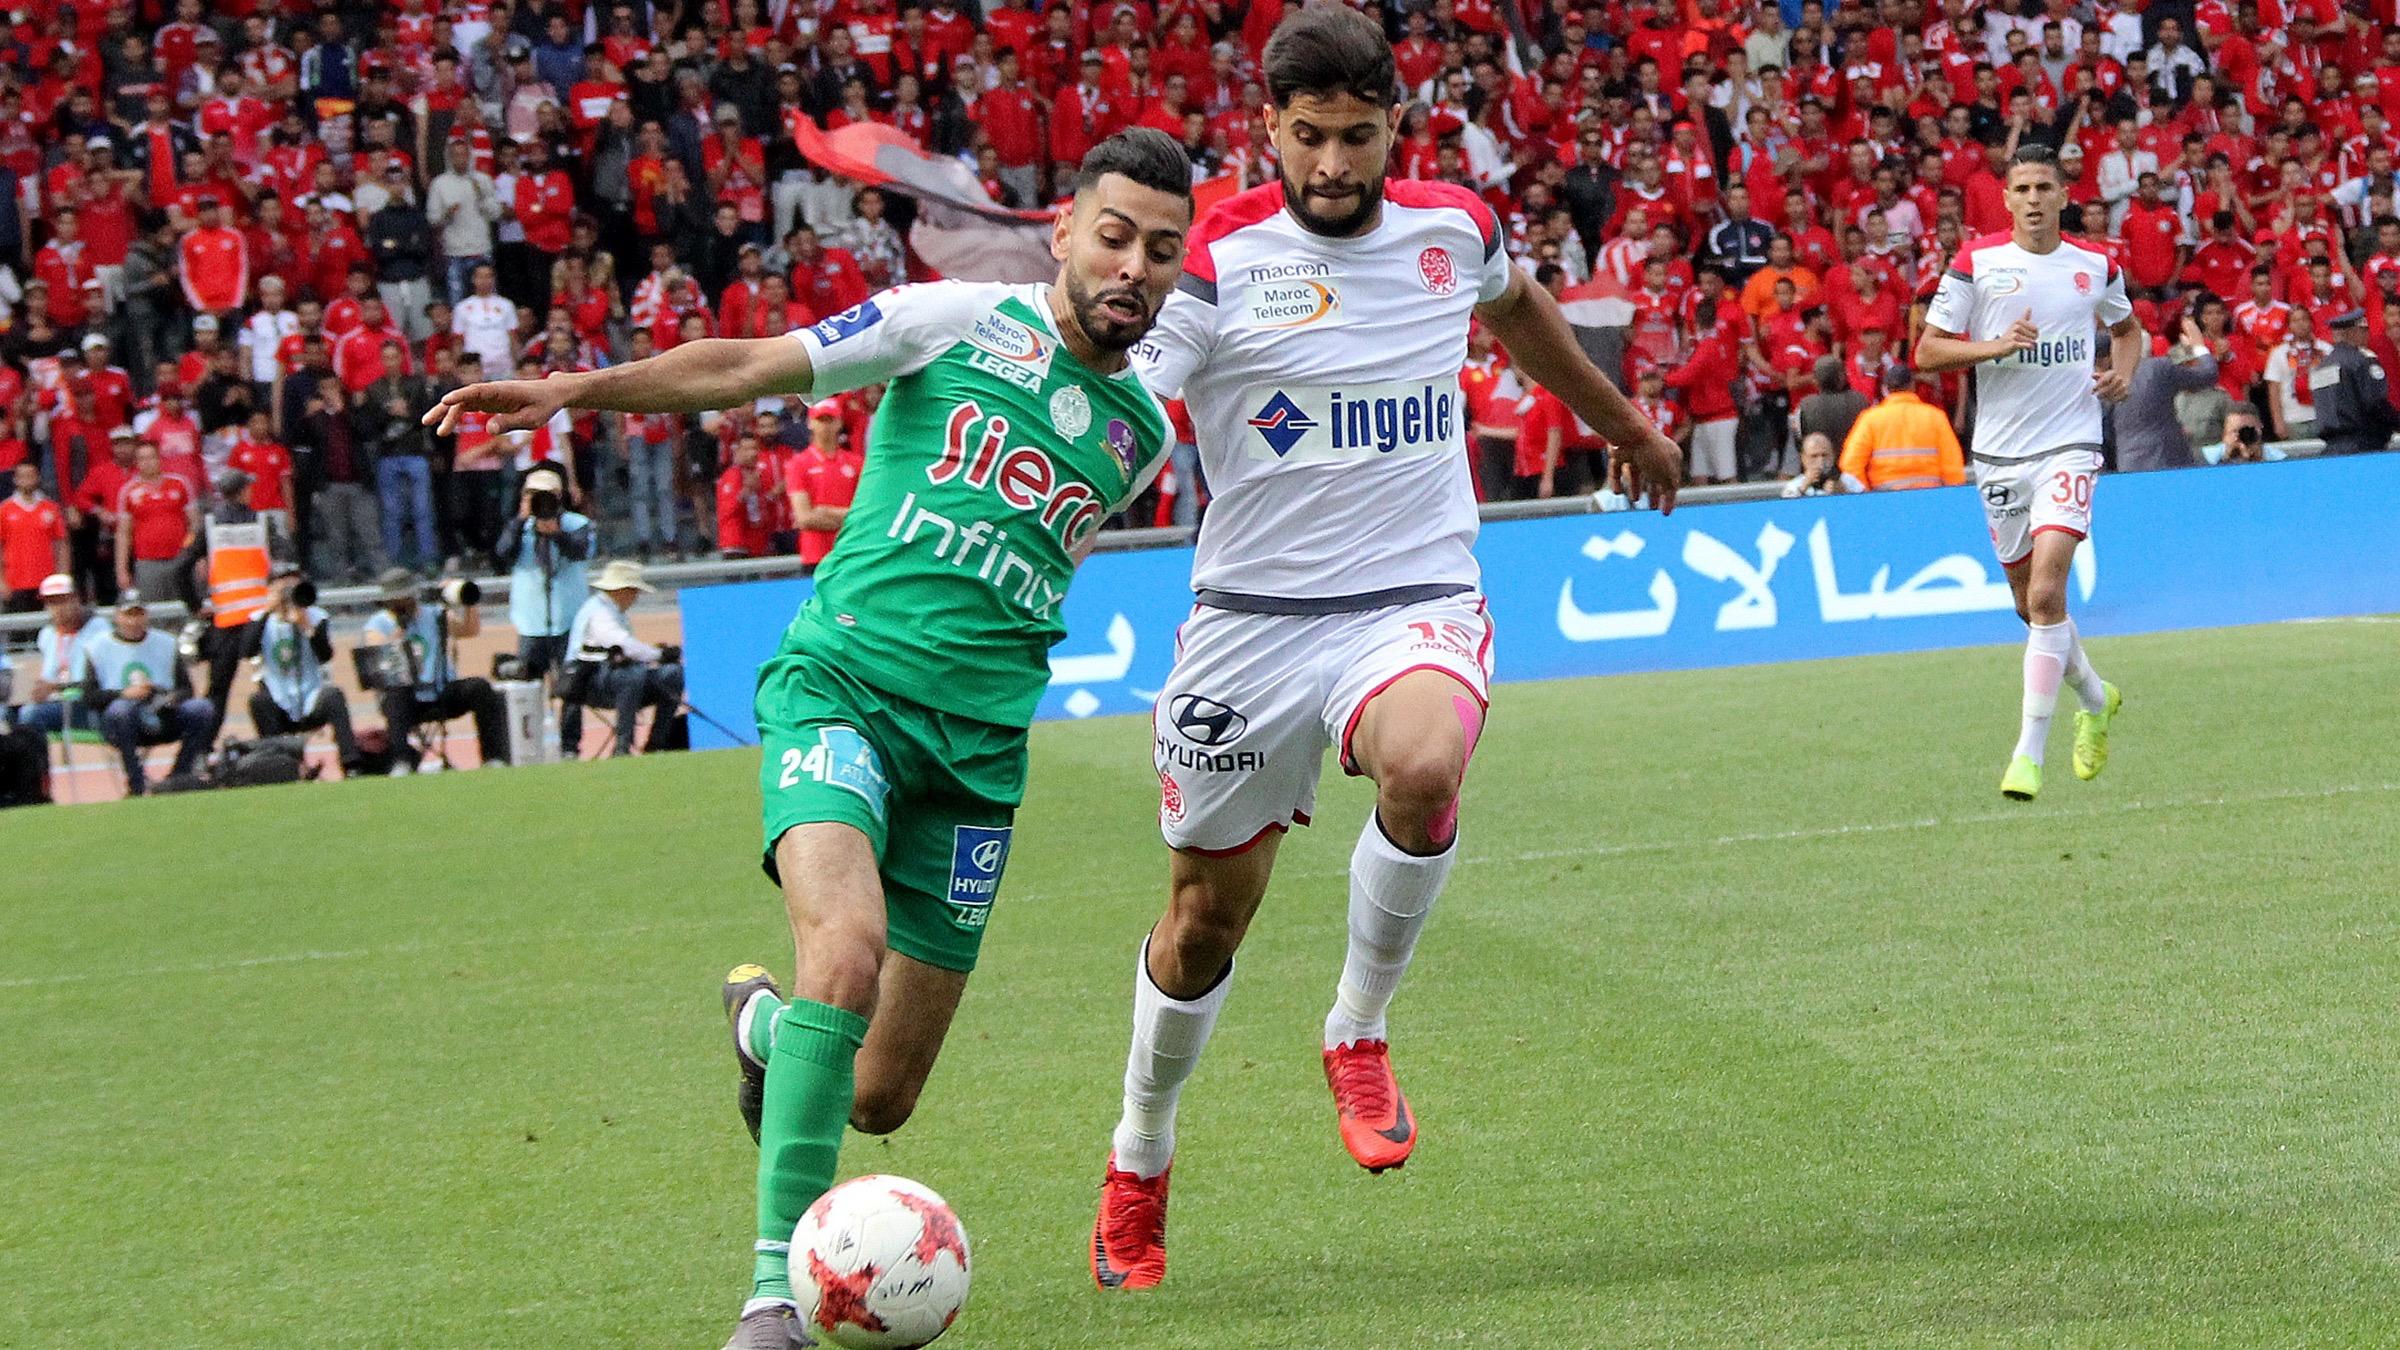 جامعة لقجع تطلق جائزة الكرة الذهبية لأفضل لاعب مغربي (صورة)